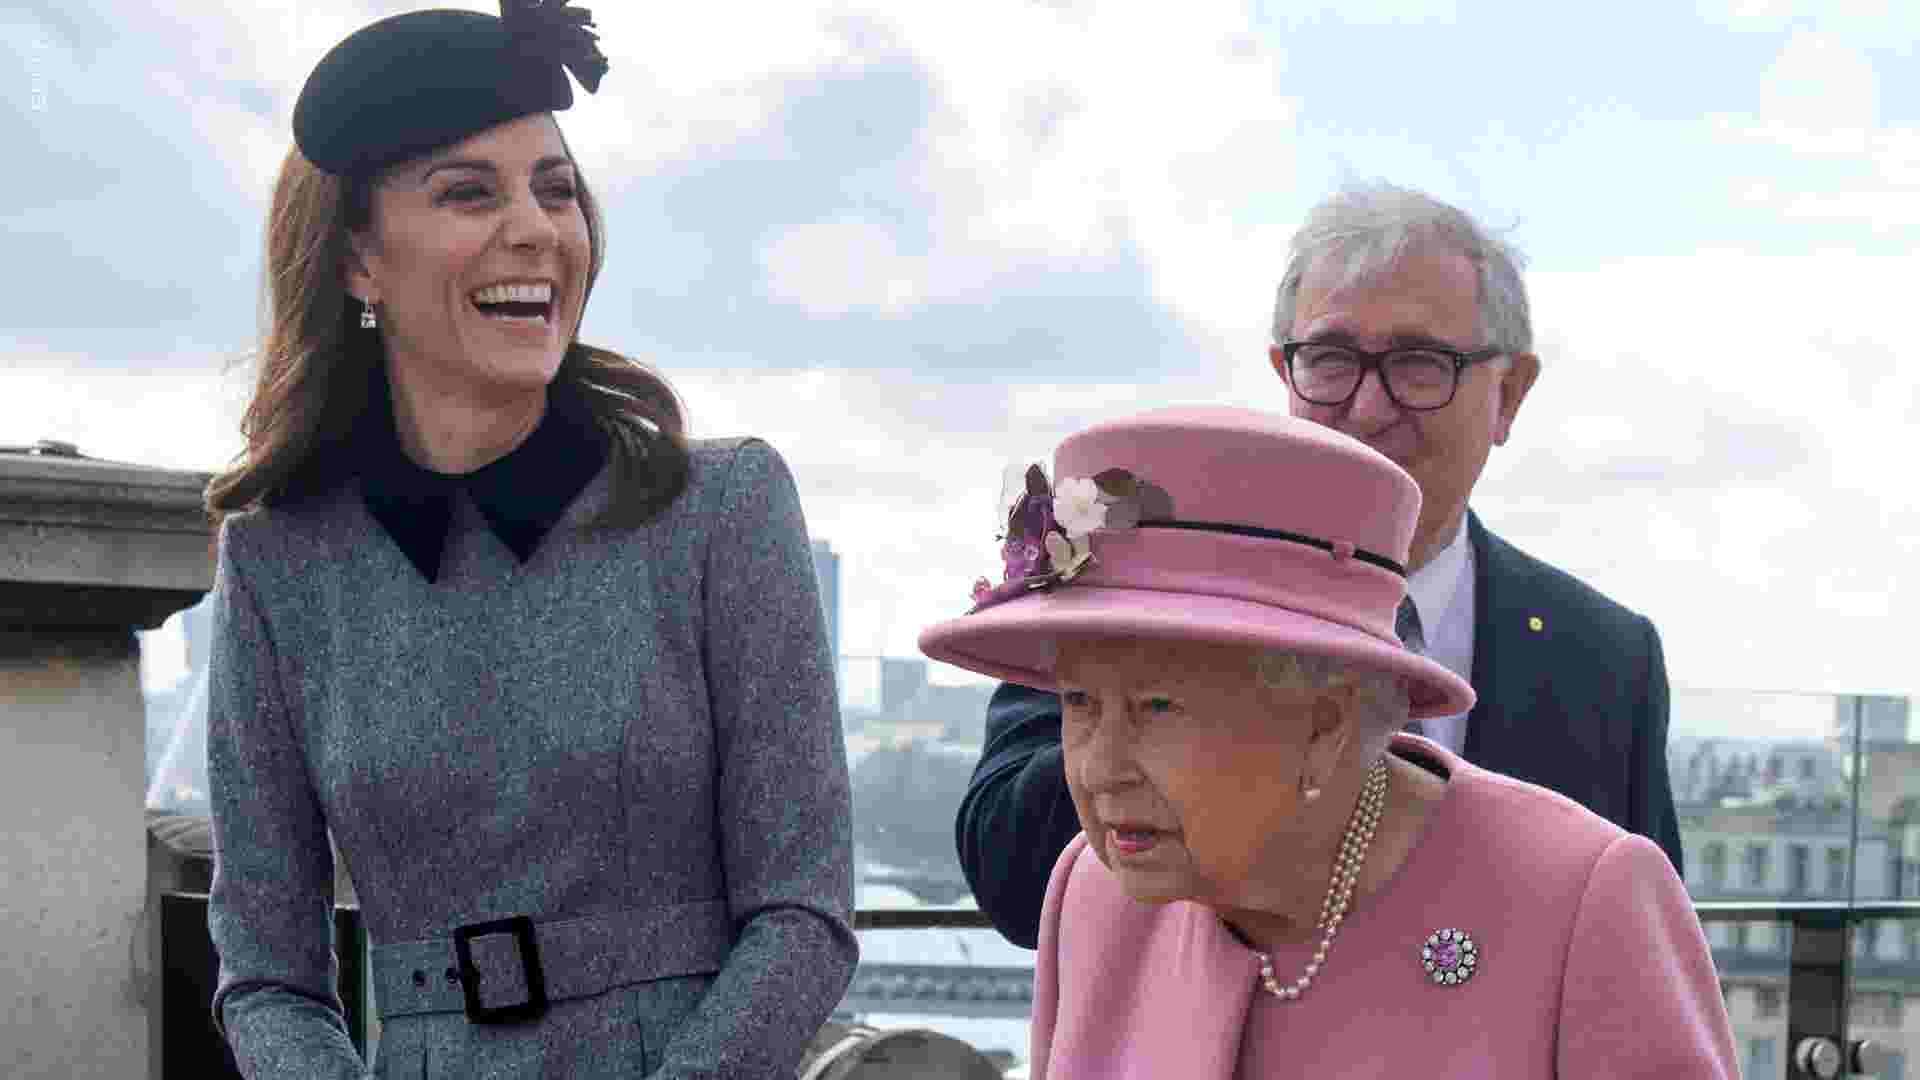 d8c4f652cf3e Duchess Kate, Queen Elizabeth visit King's College London